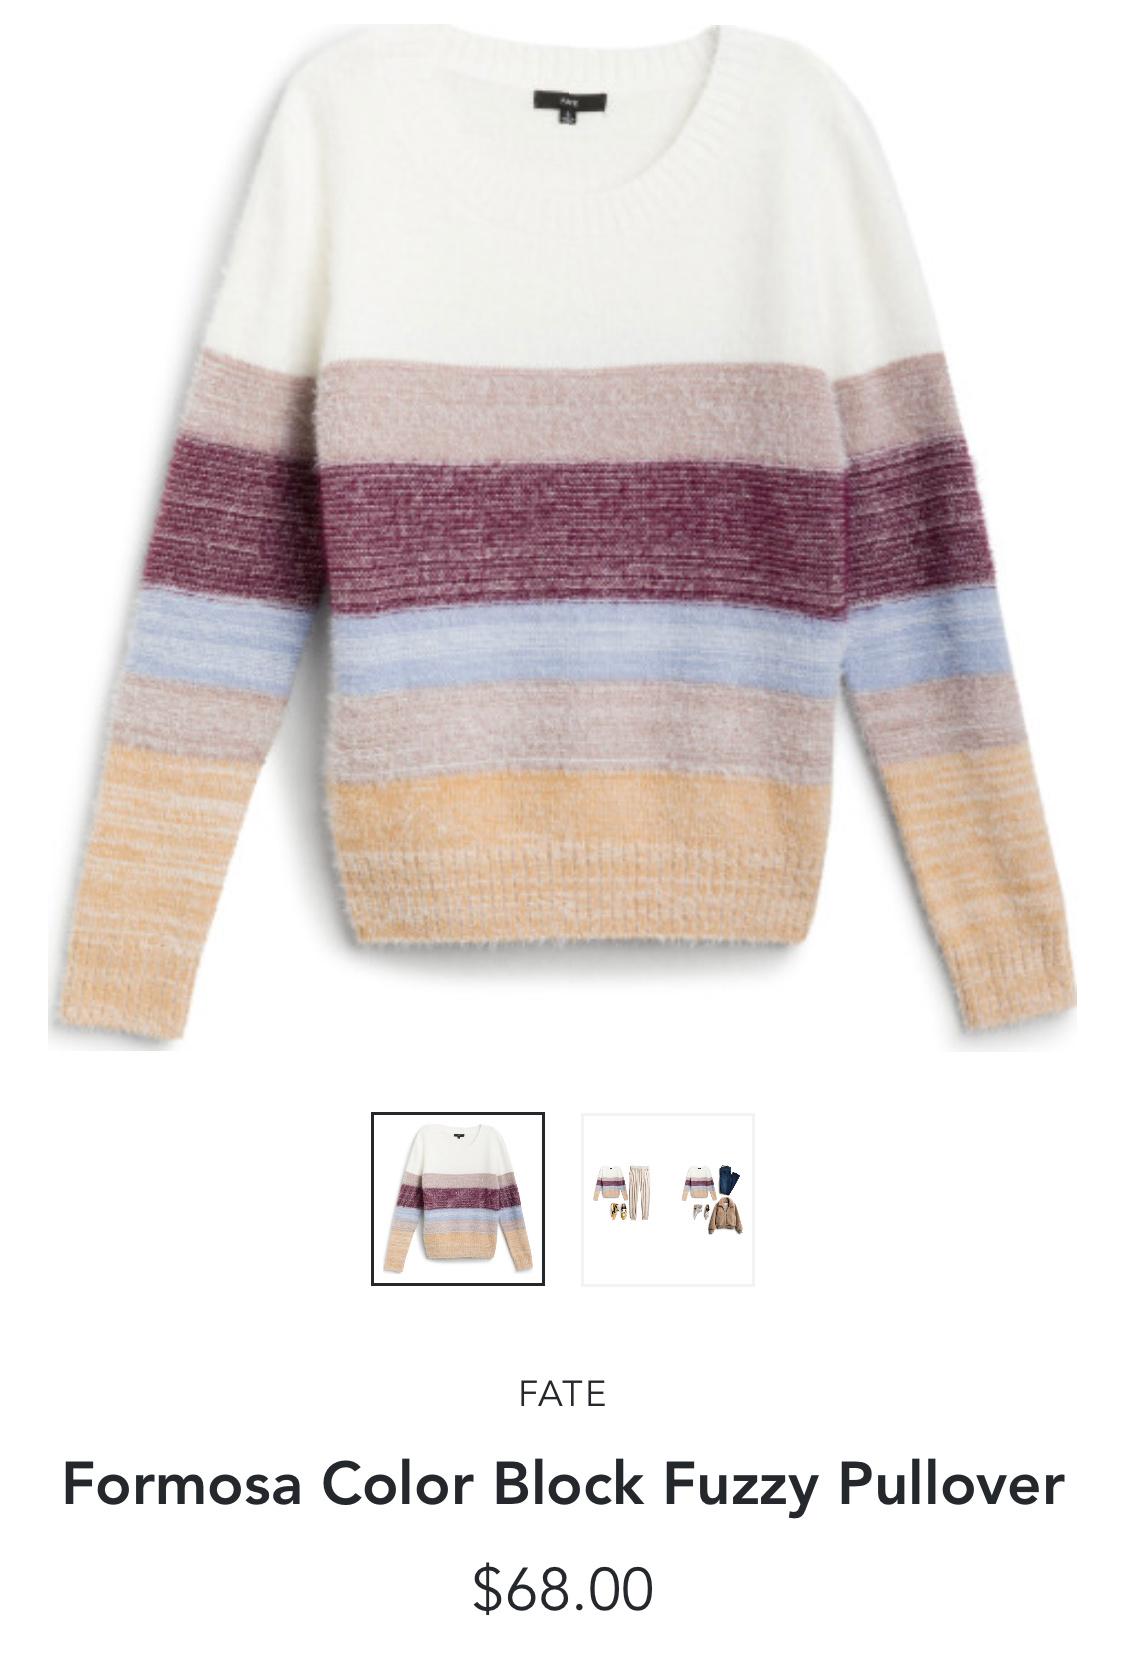 Stitch Fix Fate Formosa Color Block Fuzzy Pullover